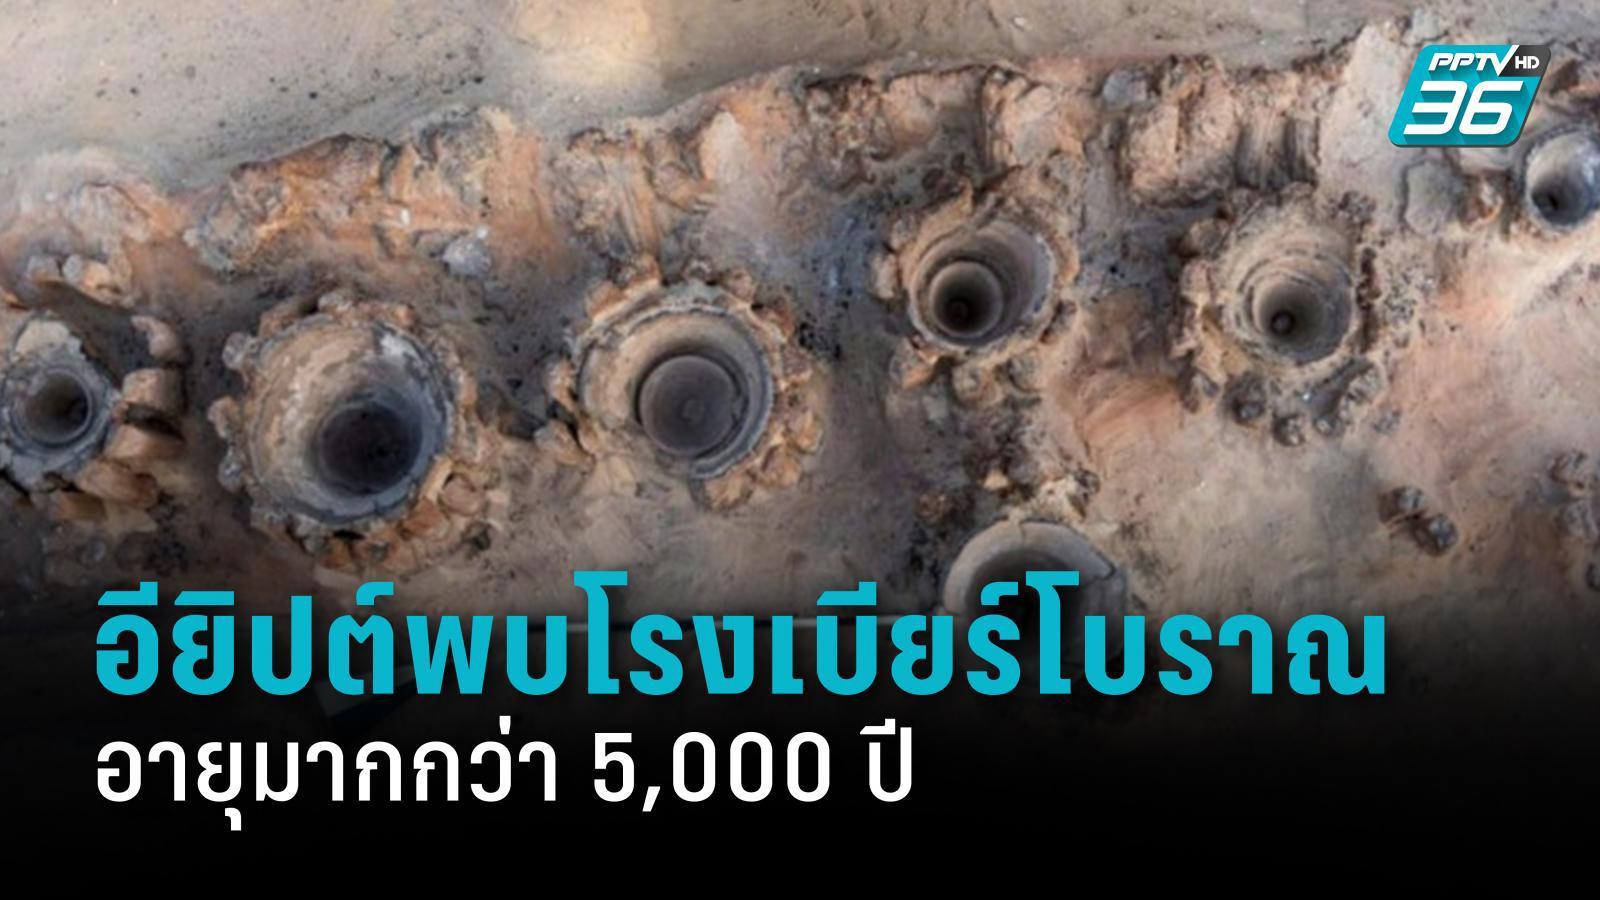 นักโบราณคดีค้นพบโรงเบียร์โบราณในอียิปต์ อายุมากกว่า 5,000 ปี